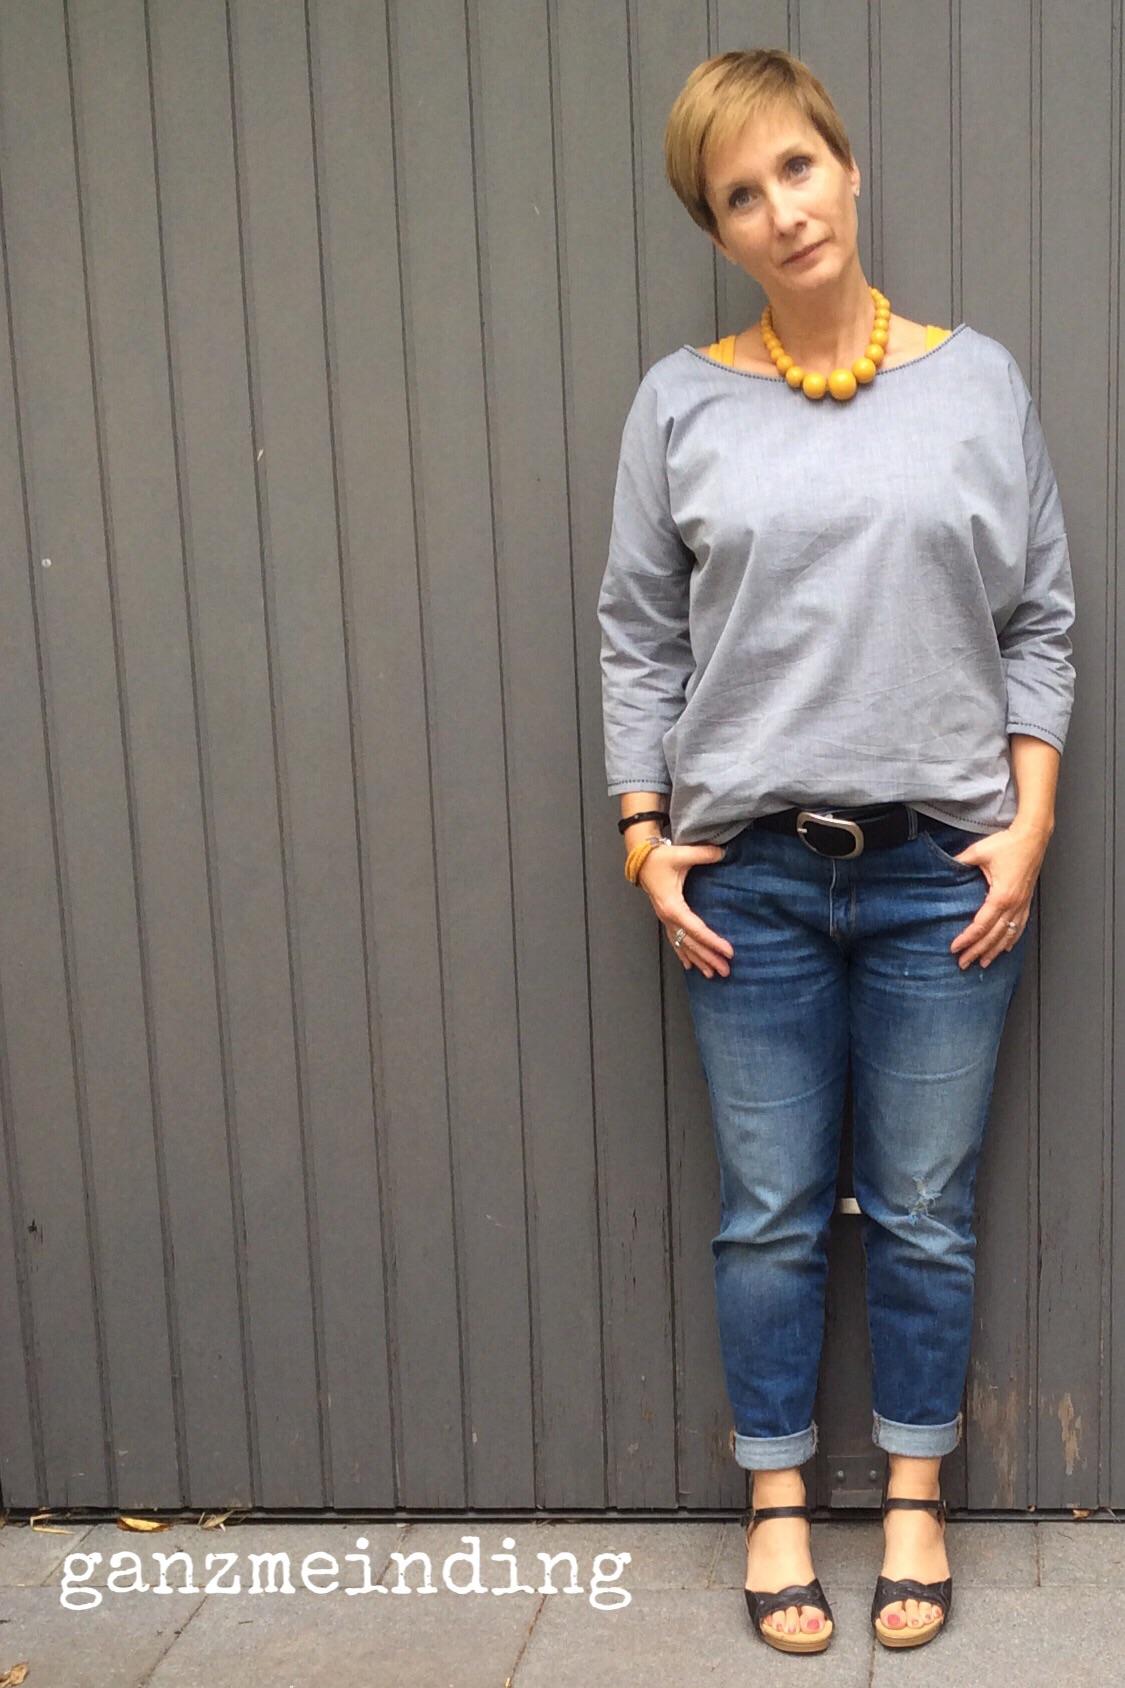 Wie trägt man blusen richtig